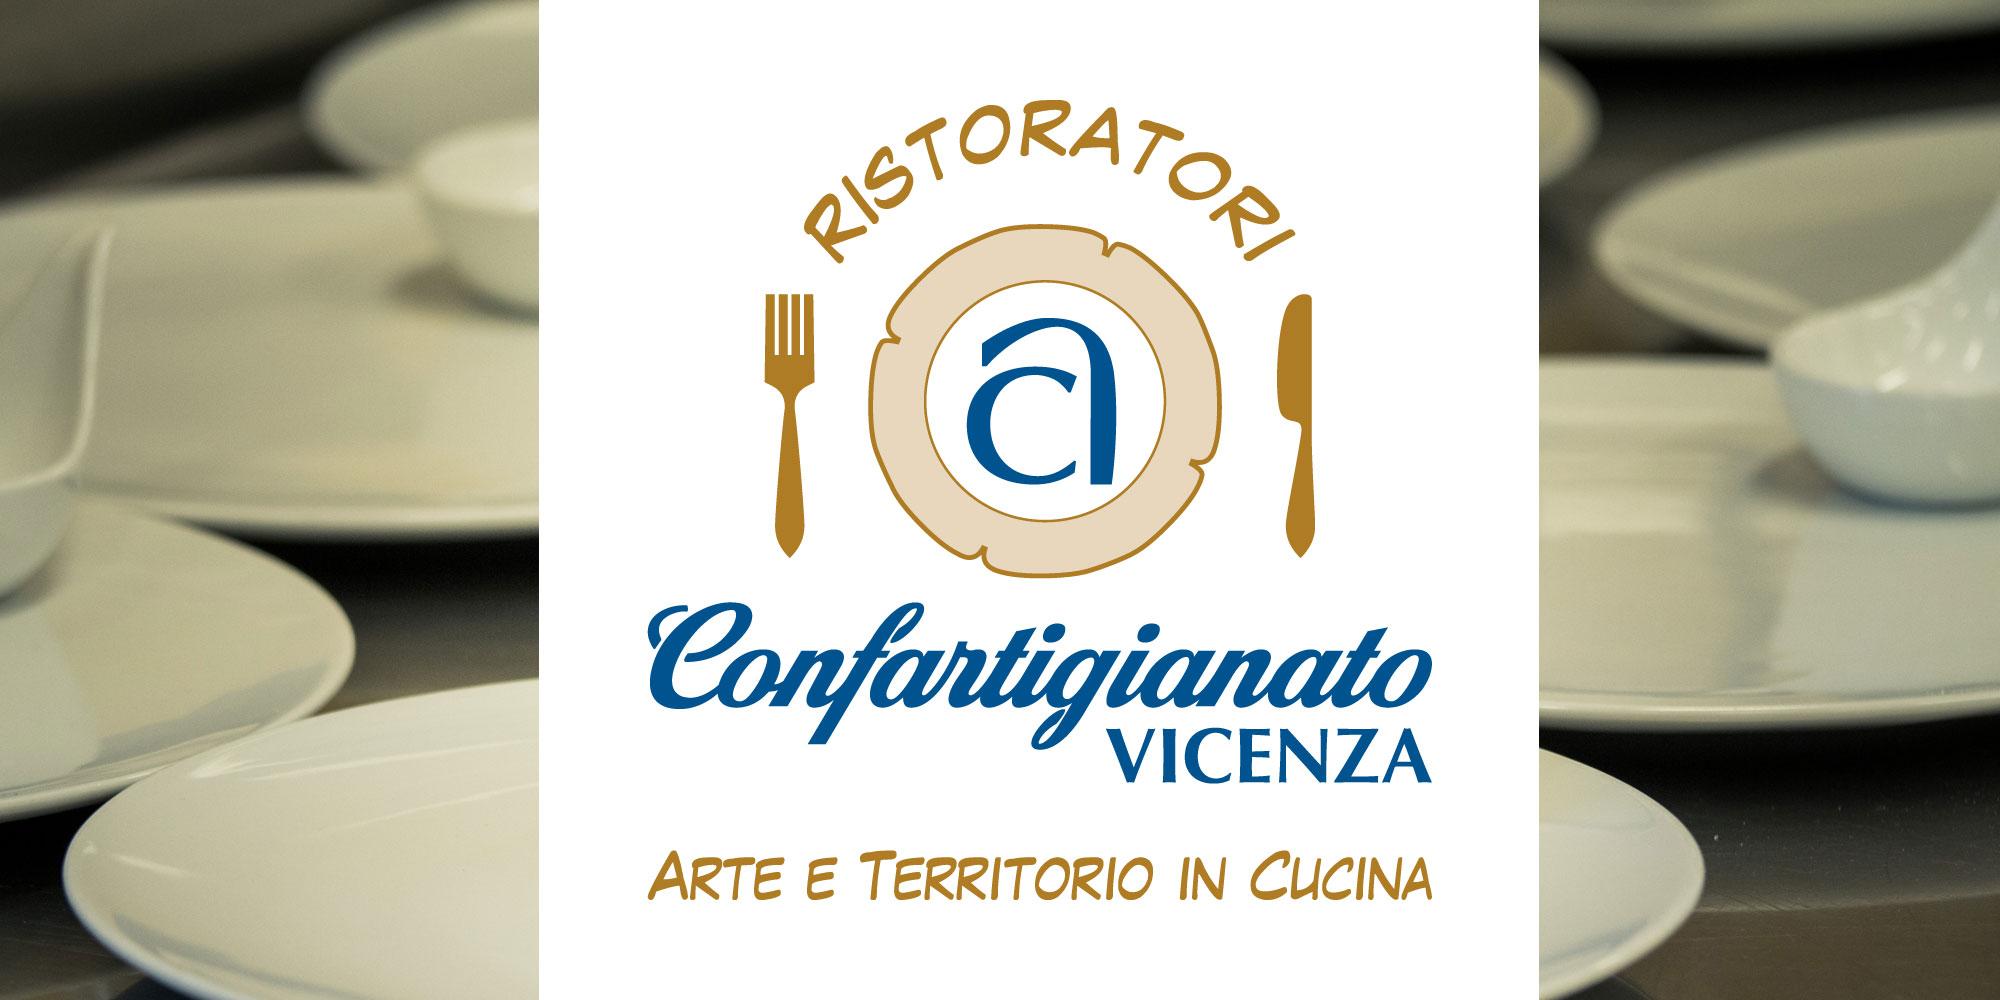 Ristoratori Confartigianato Vicenza - Arte e territorio in cucina